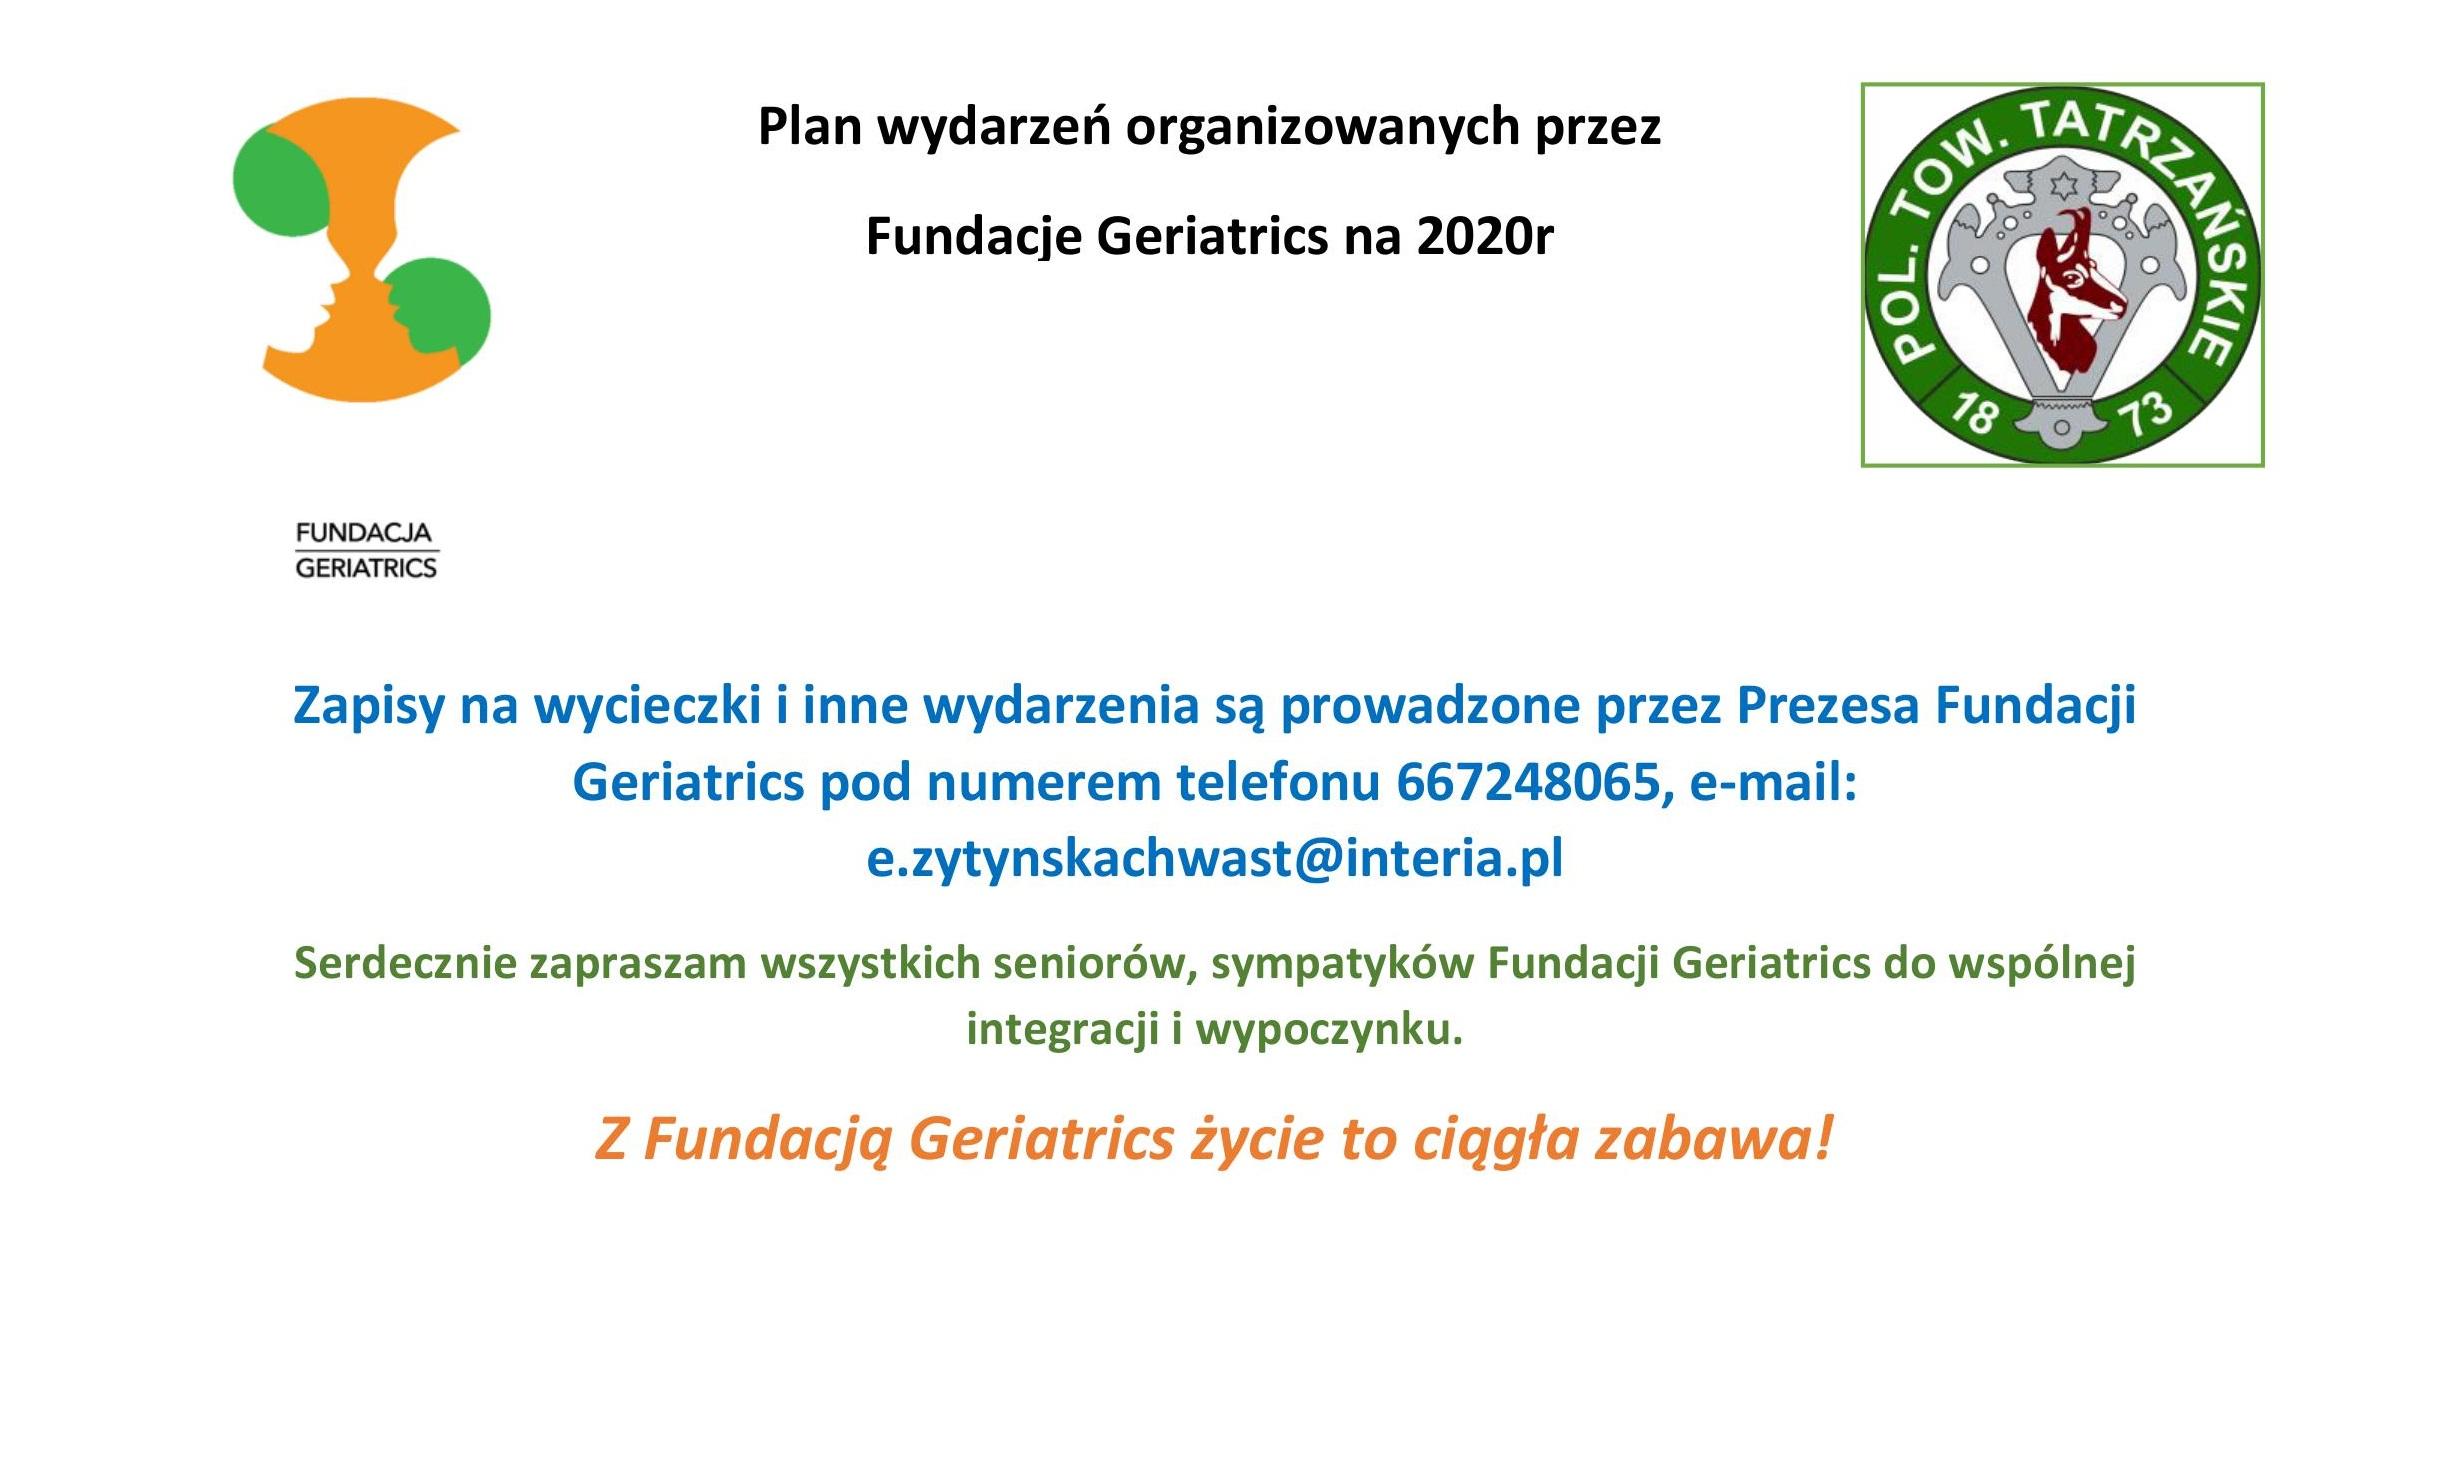 Plan wydarzeń organizowanych przez  Fundacje Geriatrics na 2020r